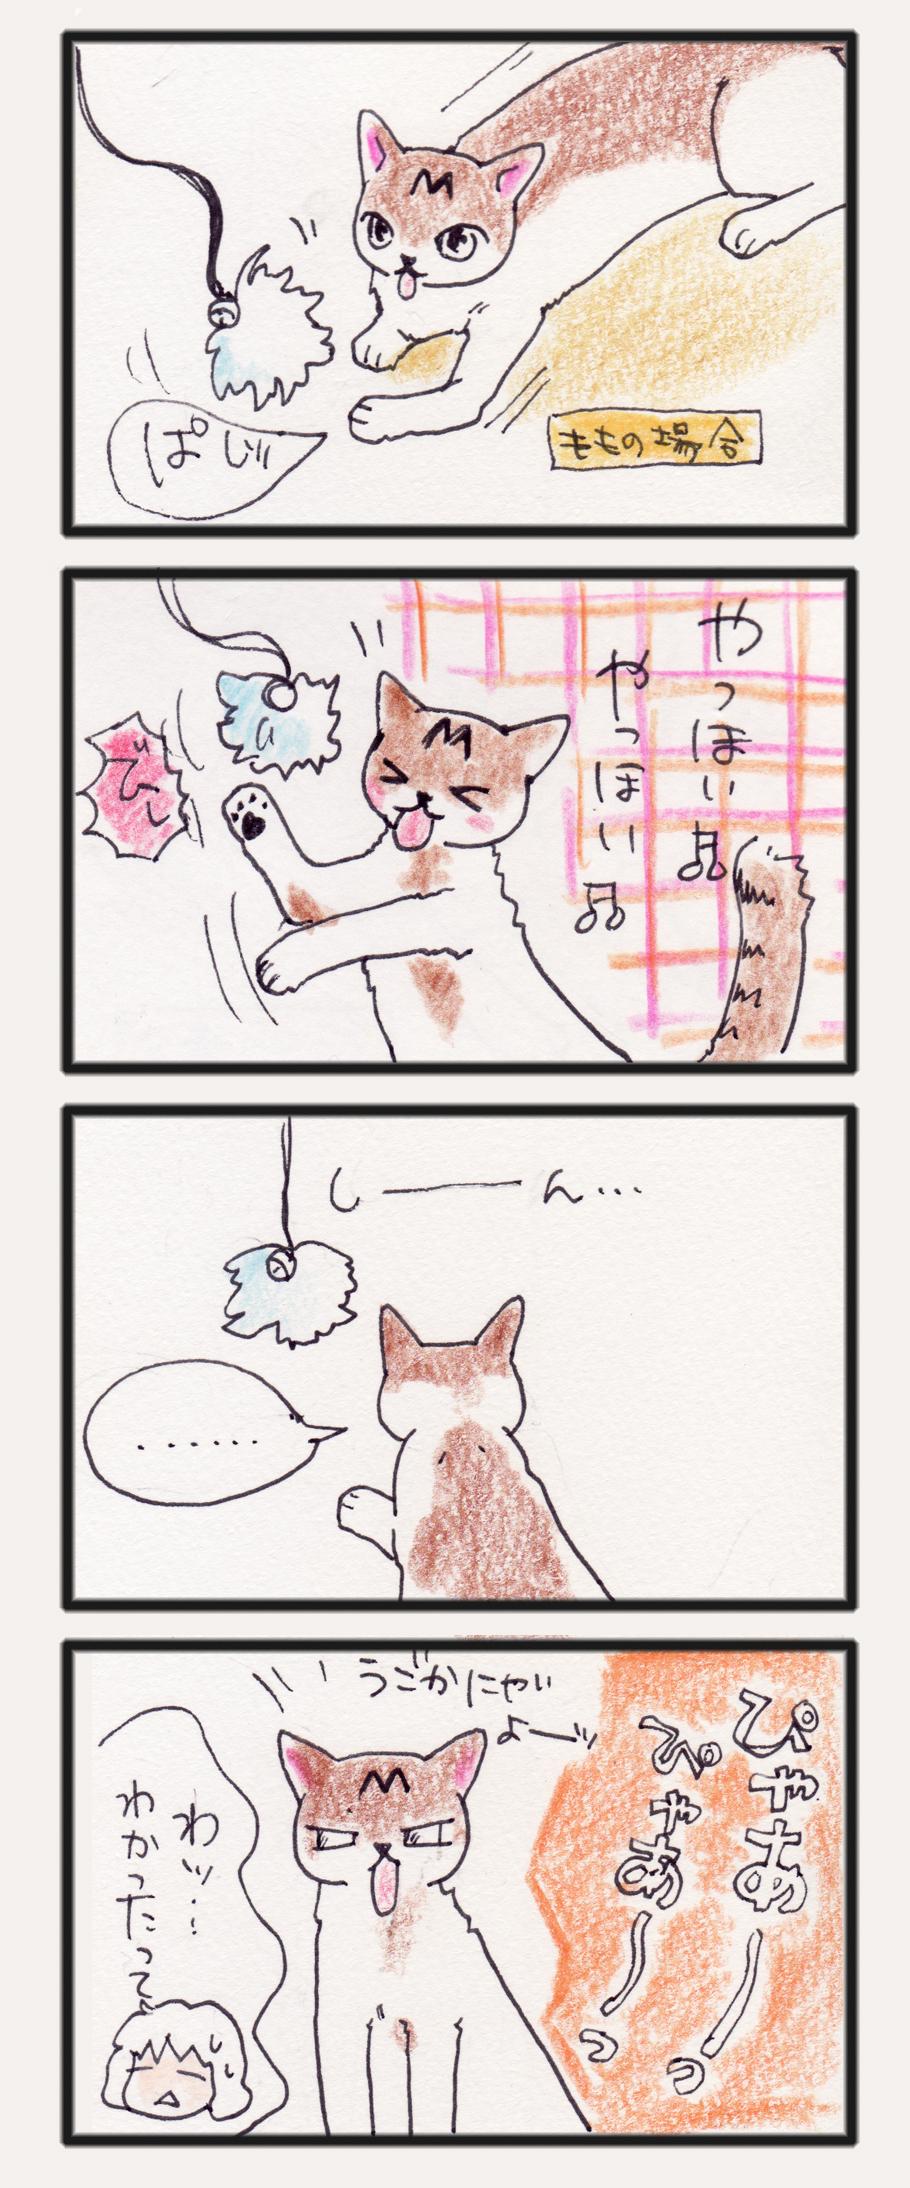 comic_4c_14031701.jpg